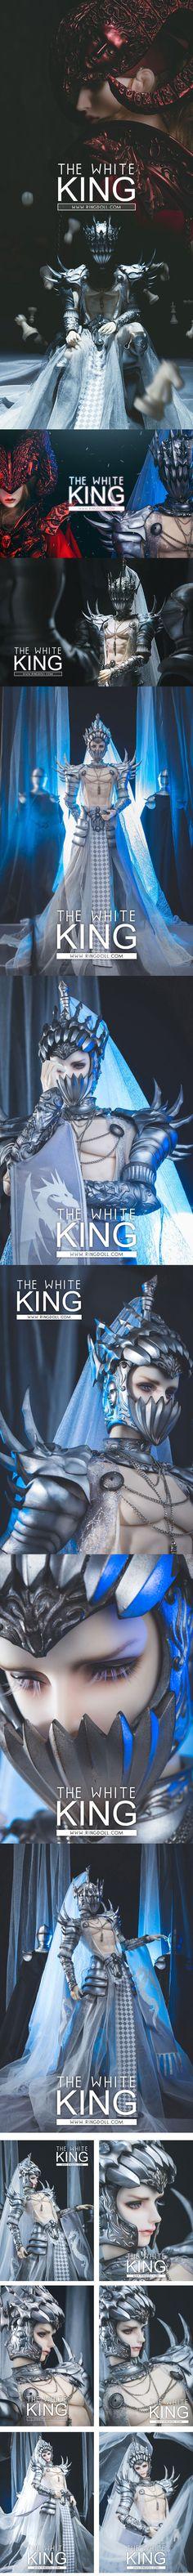 Limited 100 Sets Fullset The White King 70.5cm Limited 100 Sets For Fullset Ball-jointed Doll_65~75cm dolls_RING DOLL_DOLL_Ball Jointed Dolls (BJD) company-Legenddoll